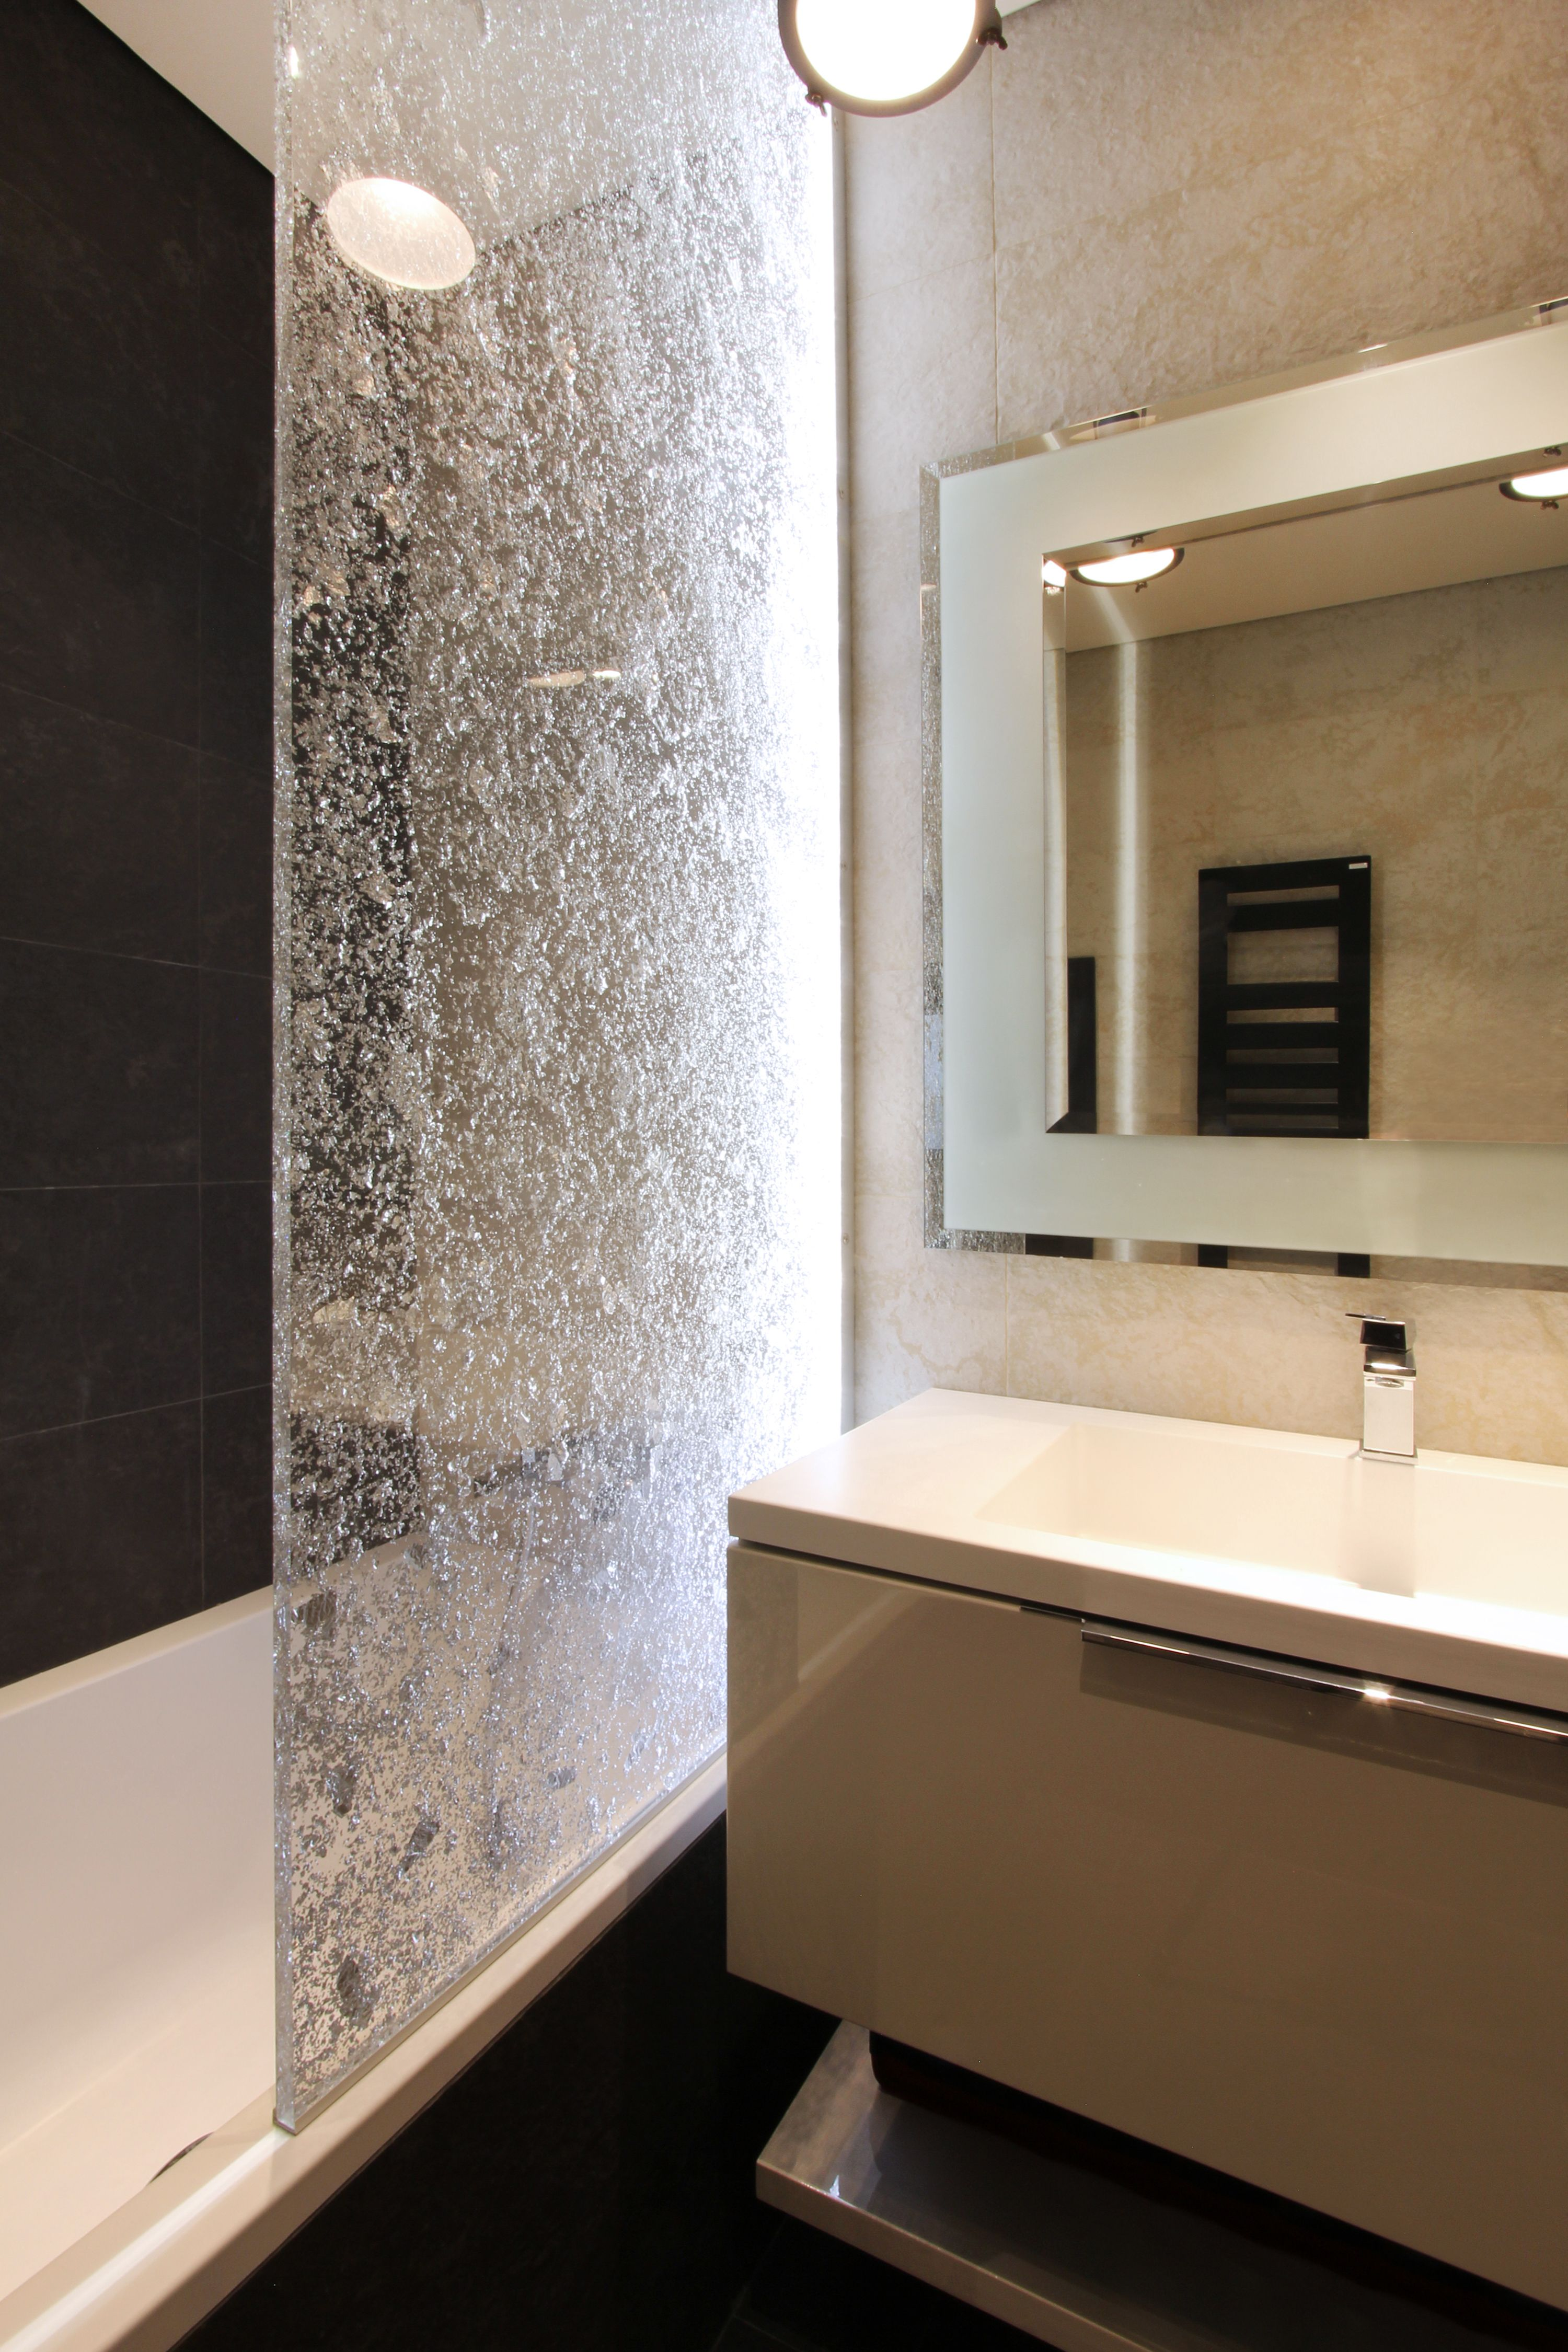 Salle De Bain Mur Douche ~ salle de bain paroi douche plexi incrust nos r alisations